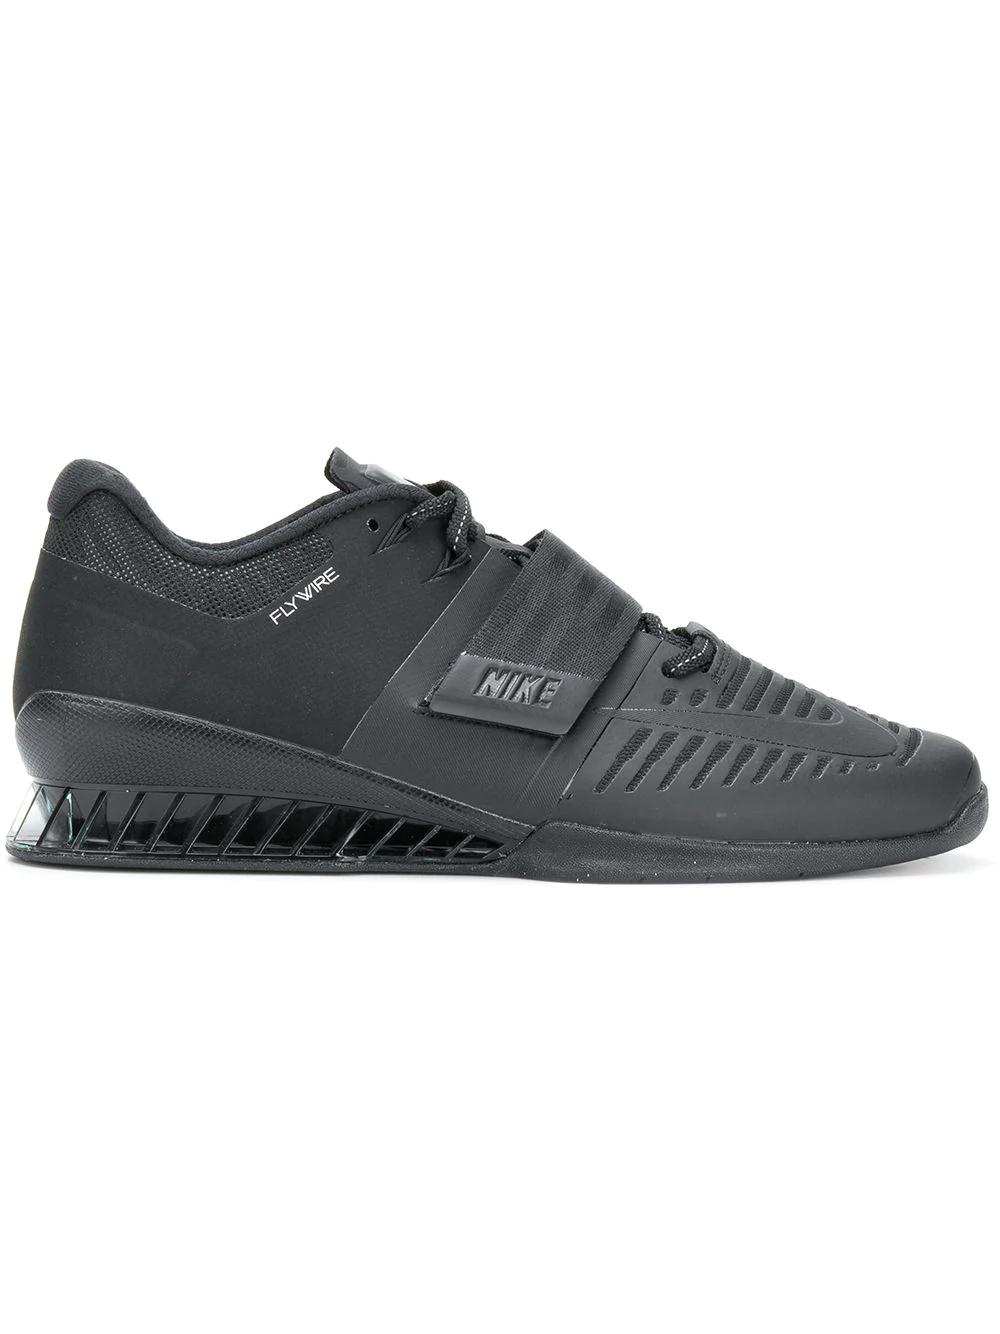 NIKE | Nike кроссовки 'Romaleos 3' | Clouty